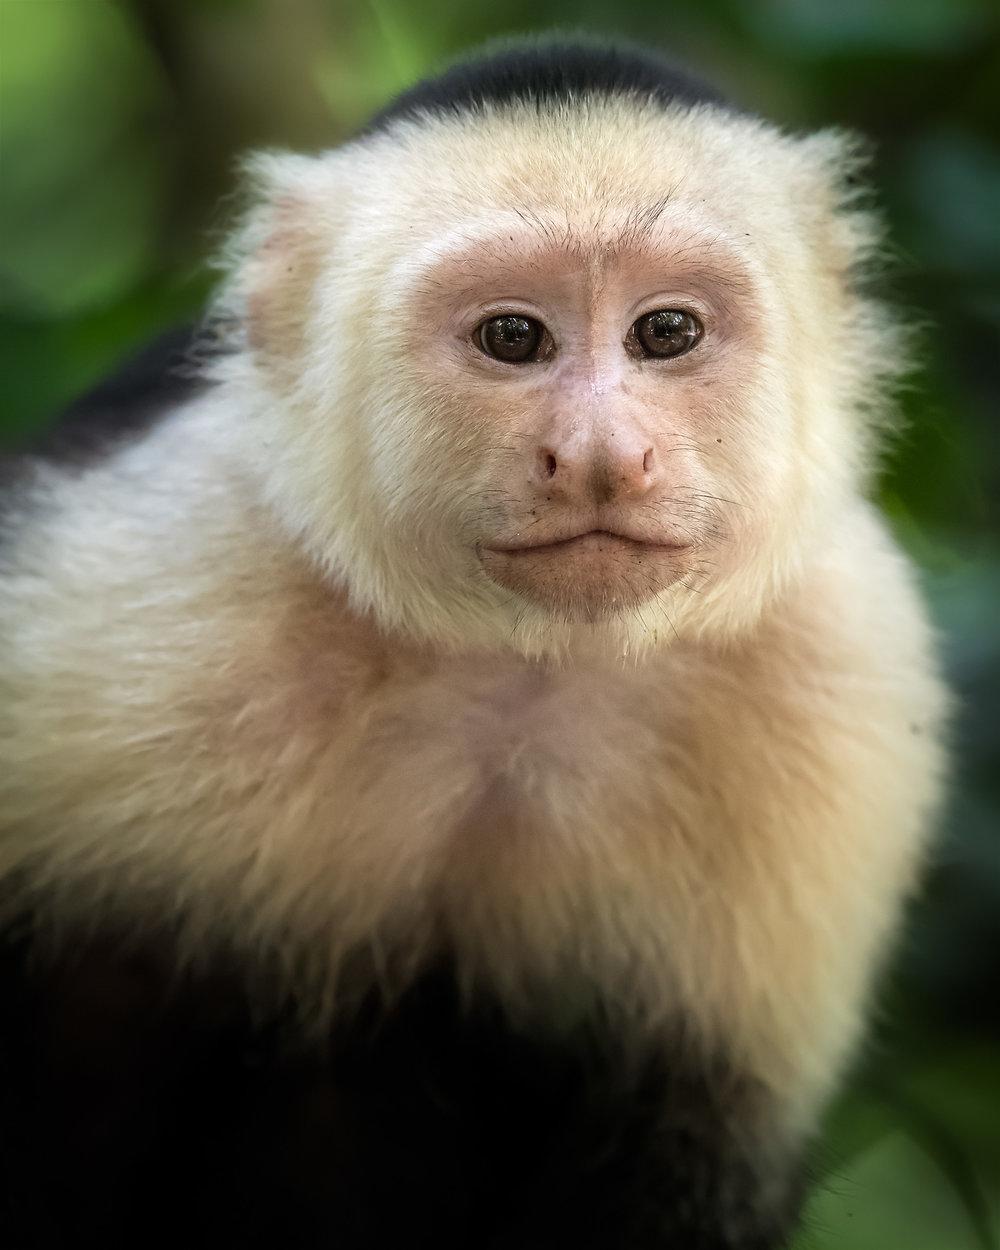 white-faced-monkey-portrait.jpg